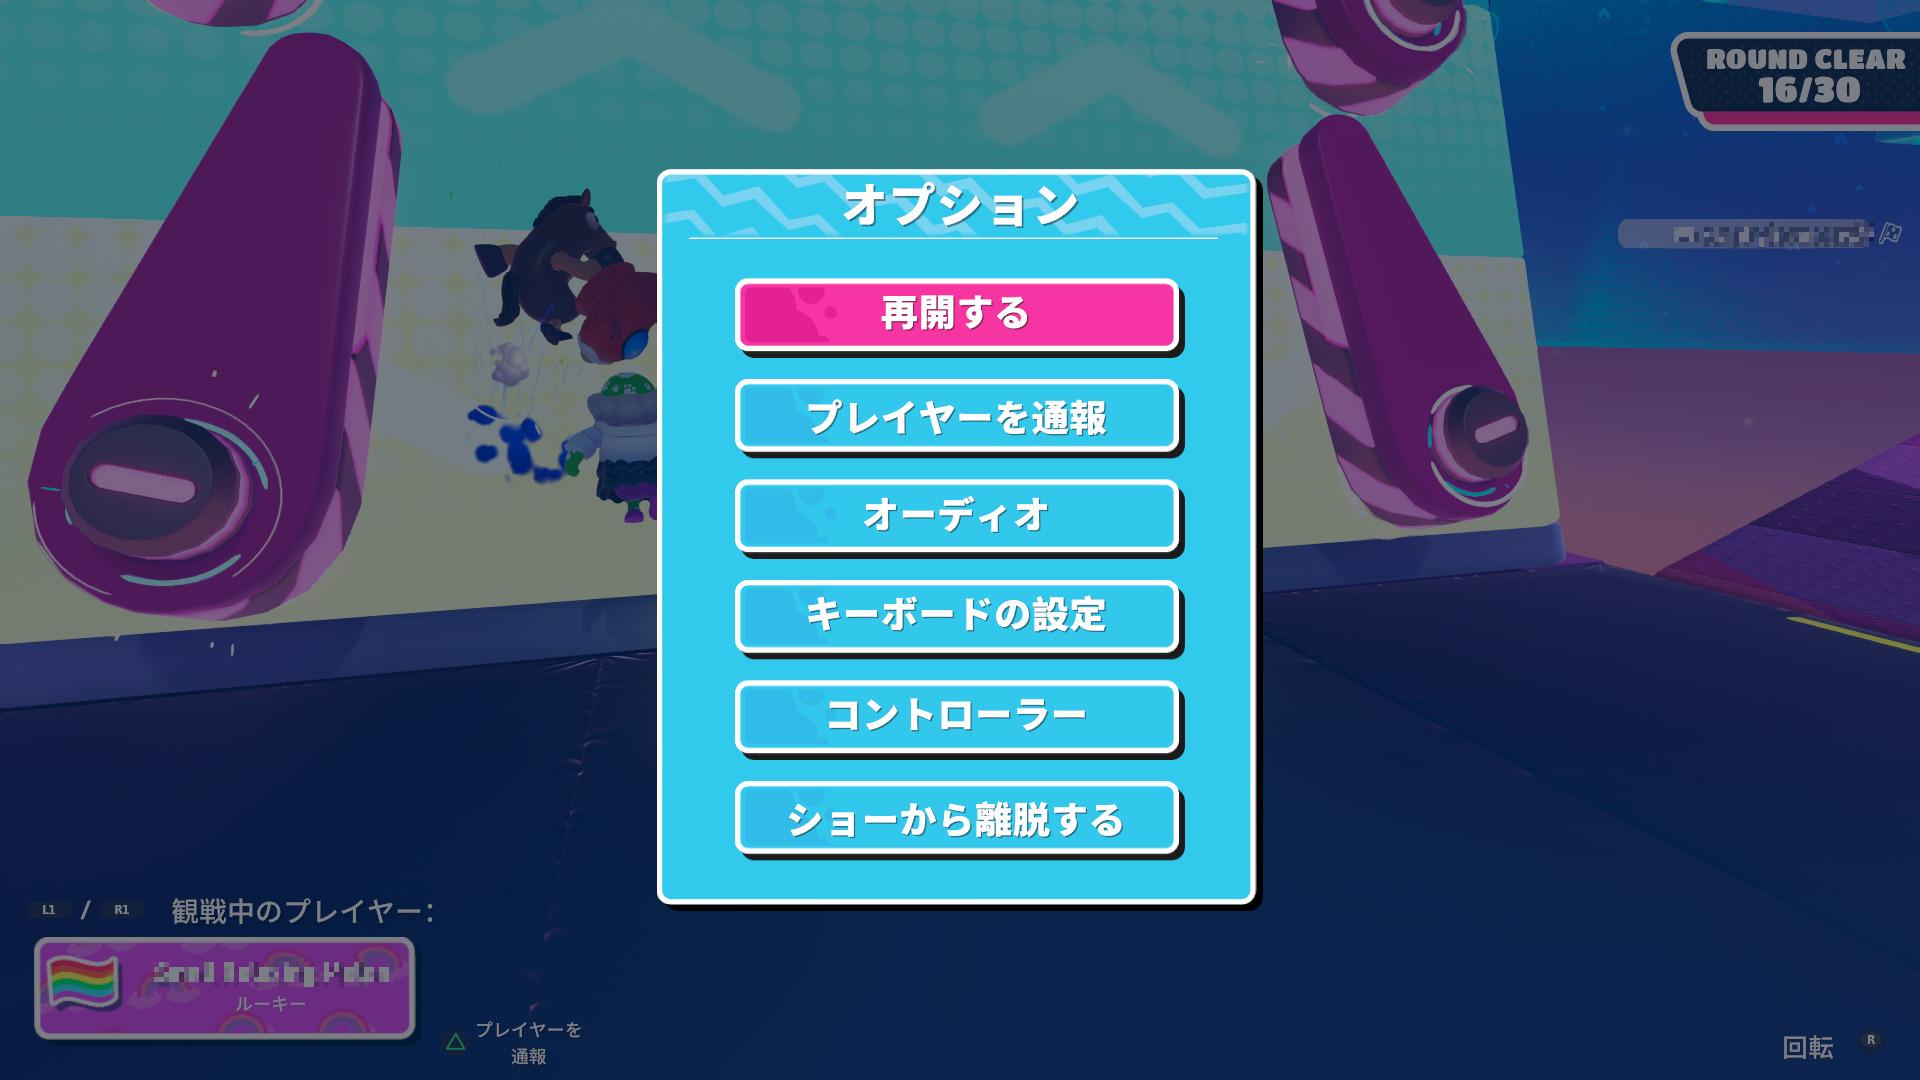 【PC版 フォールガイズ】メニューボタンはどこ?プレイ中にメニューを開く方法【Fall Guys】